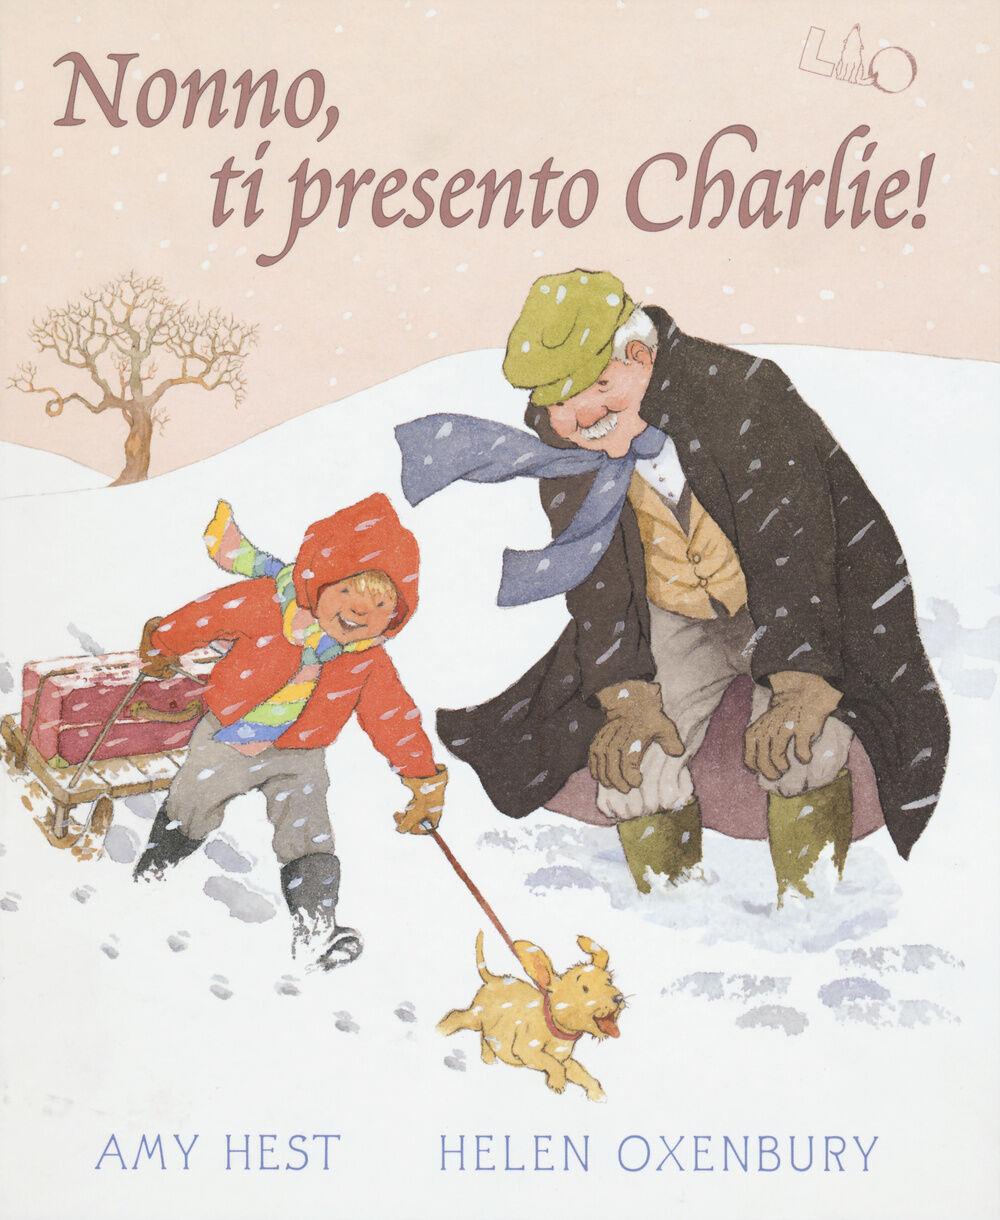 Nonno, ti presento Charlie!